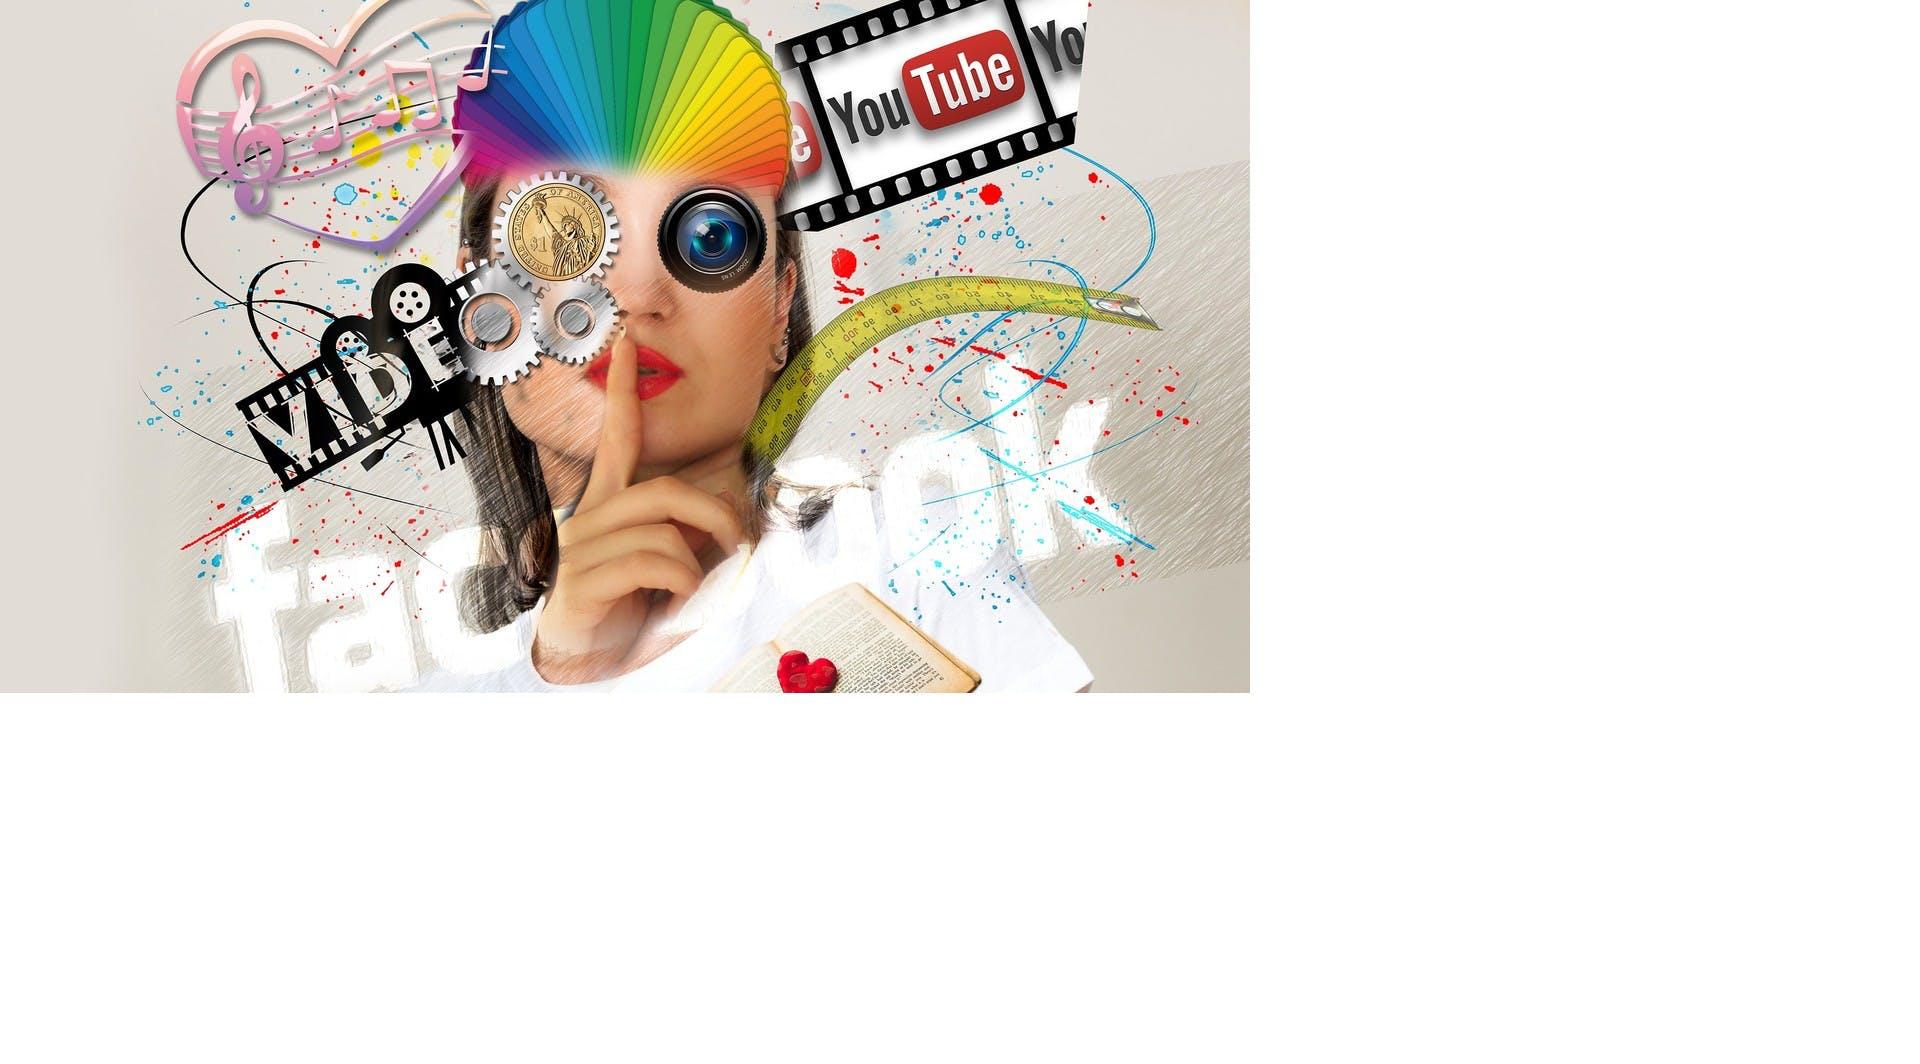 Olika sociala medier logo:r och en tjej i mitten